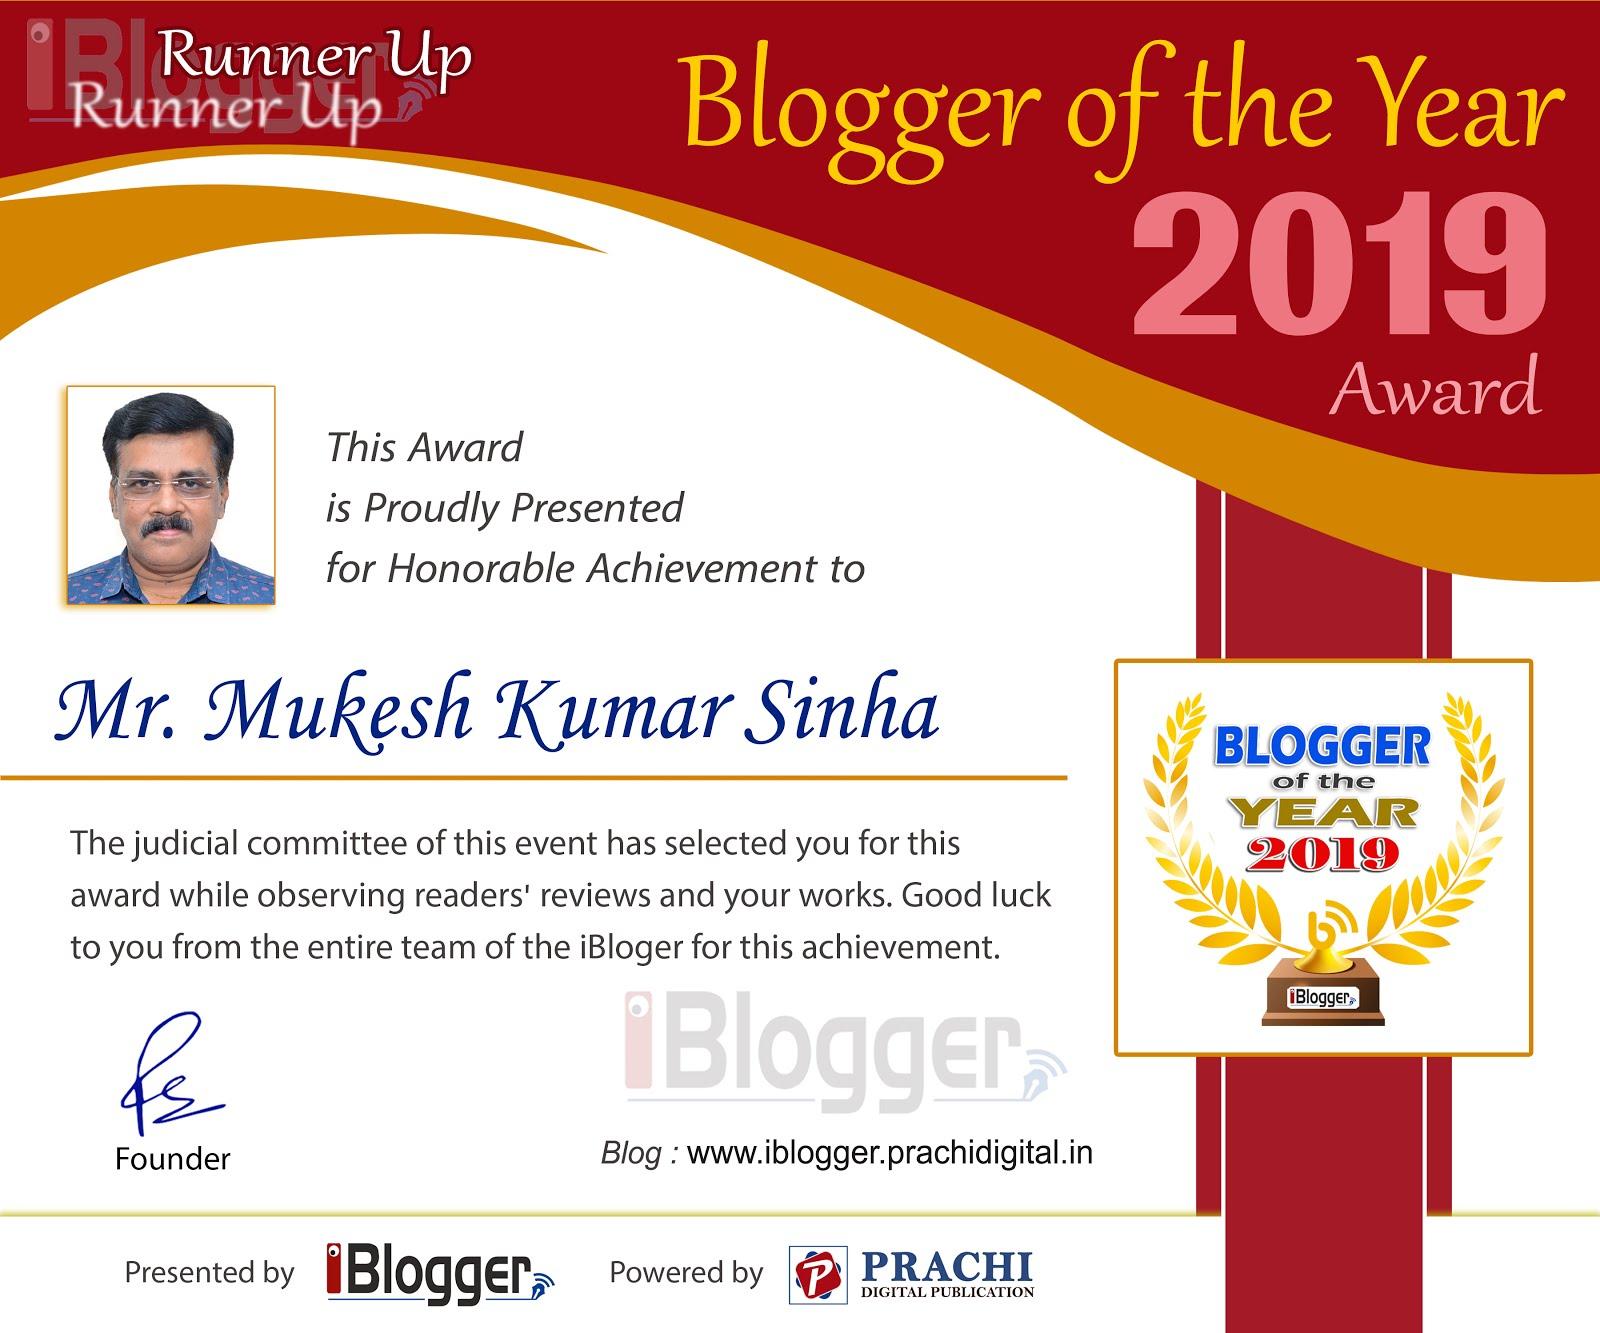 ब्लॉगर ऑफ द इयर 2019 के उपविजेता